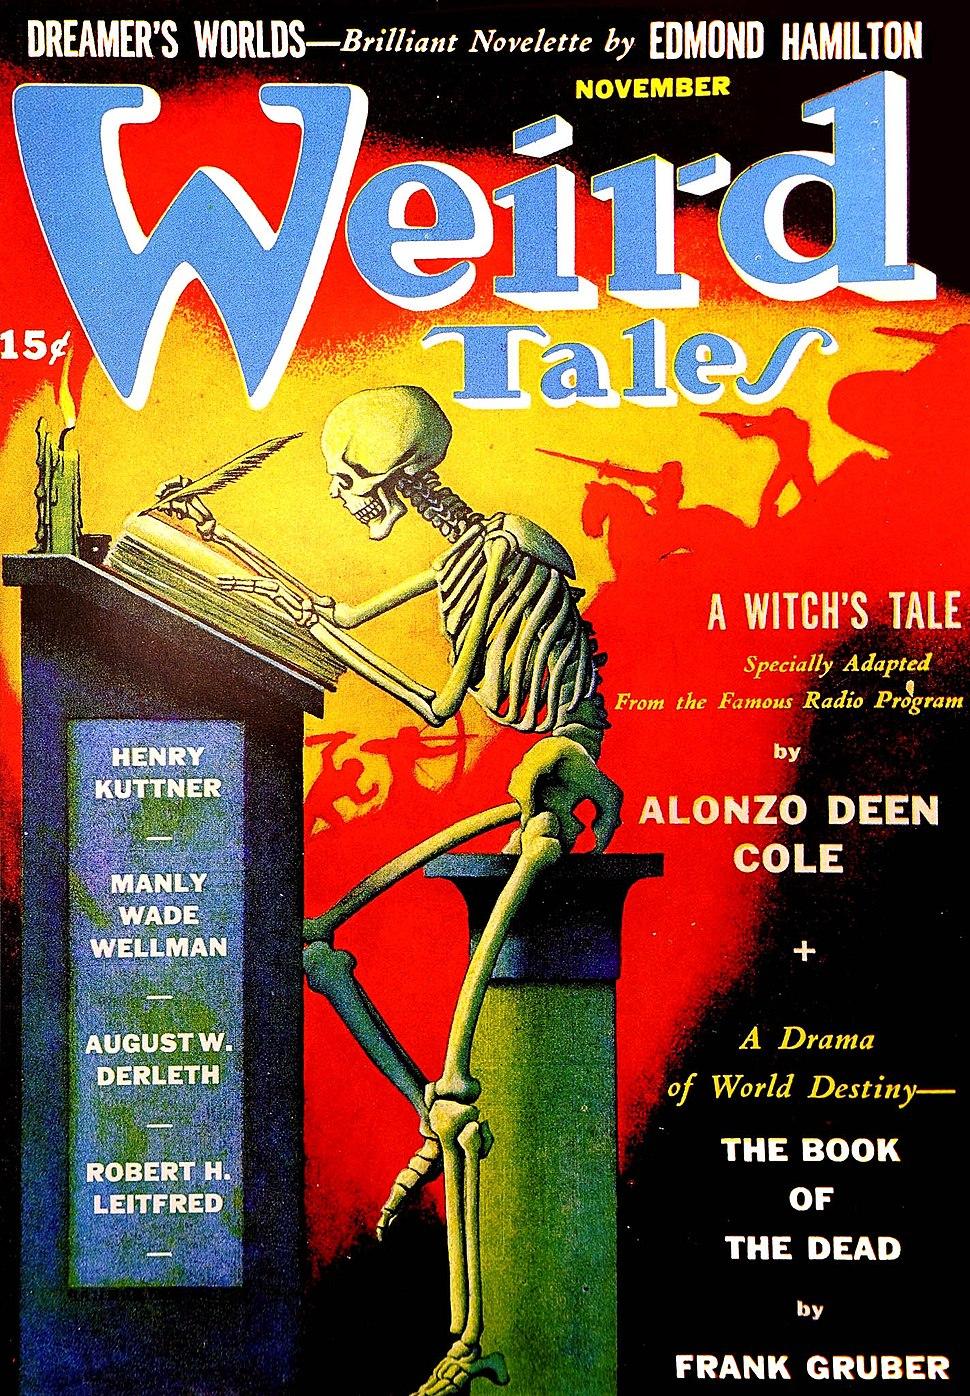 Weird Tales November 1941